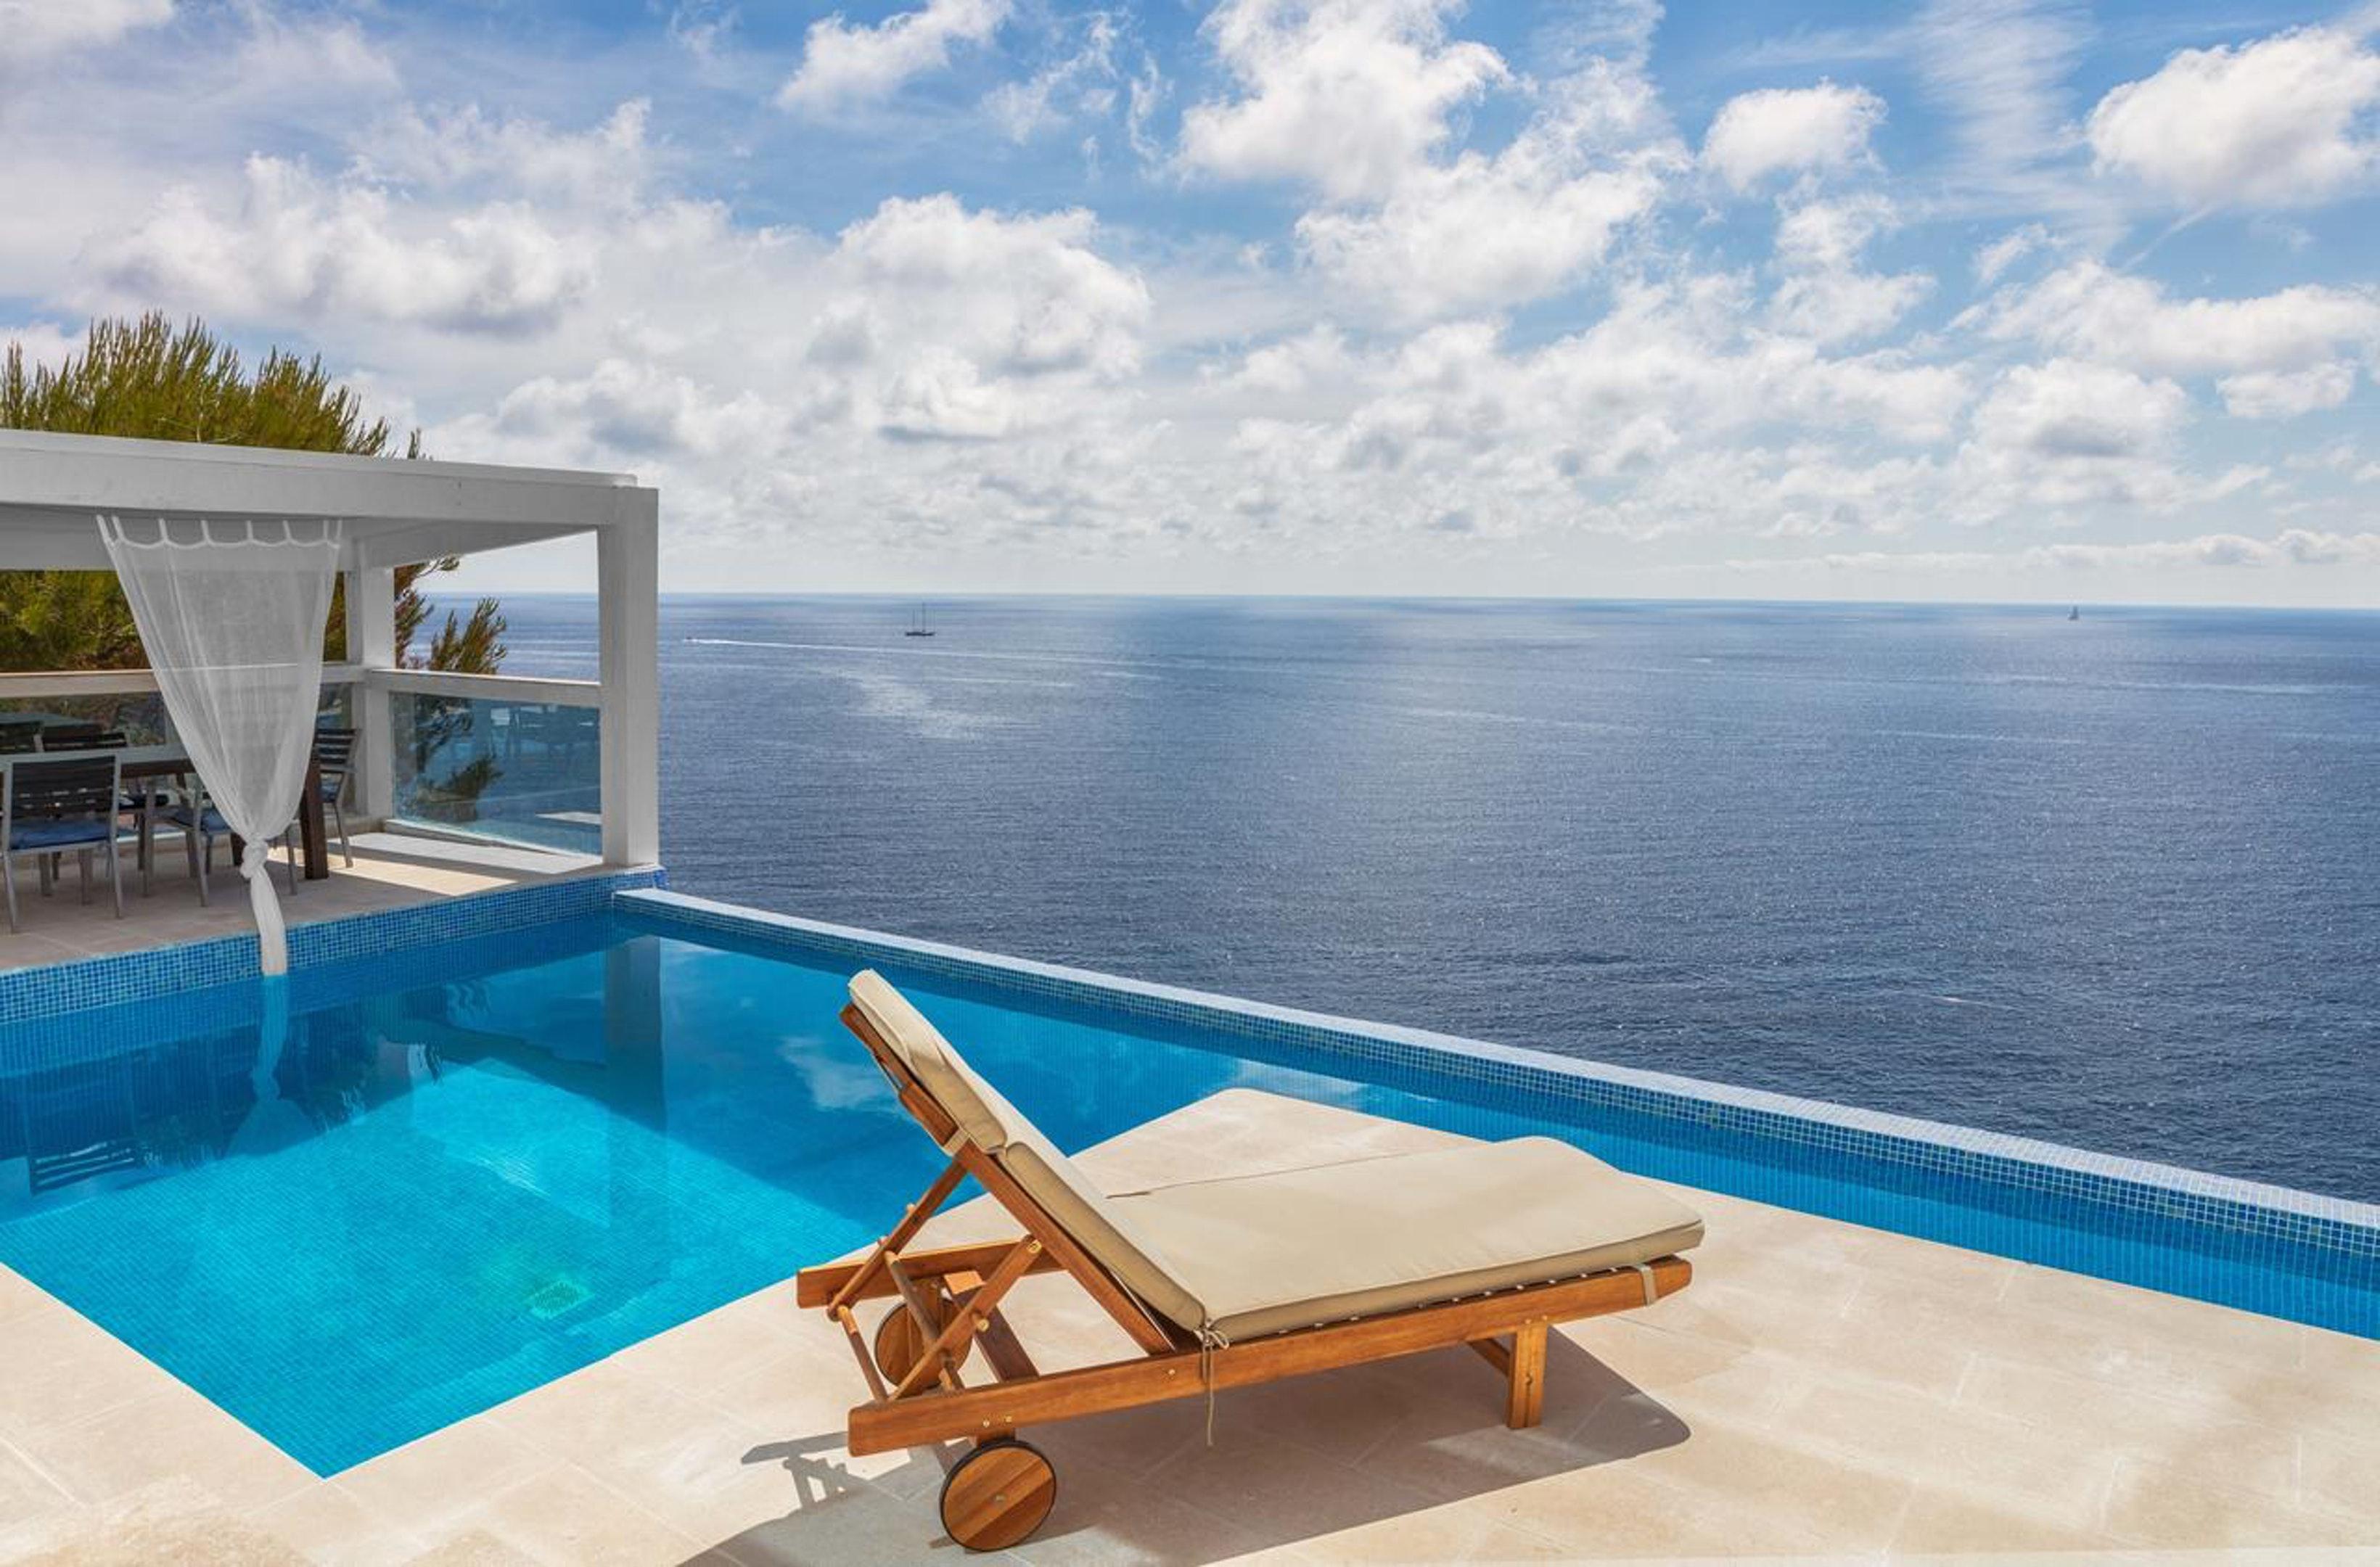 Villa mit 4 Schlafzimmern in El Toro mit herrlichem Meerblick privatem Pool möbliertem Garten